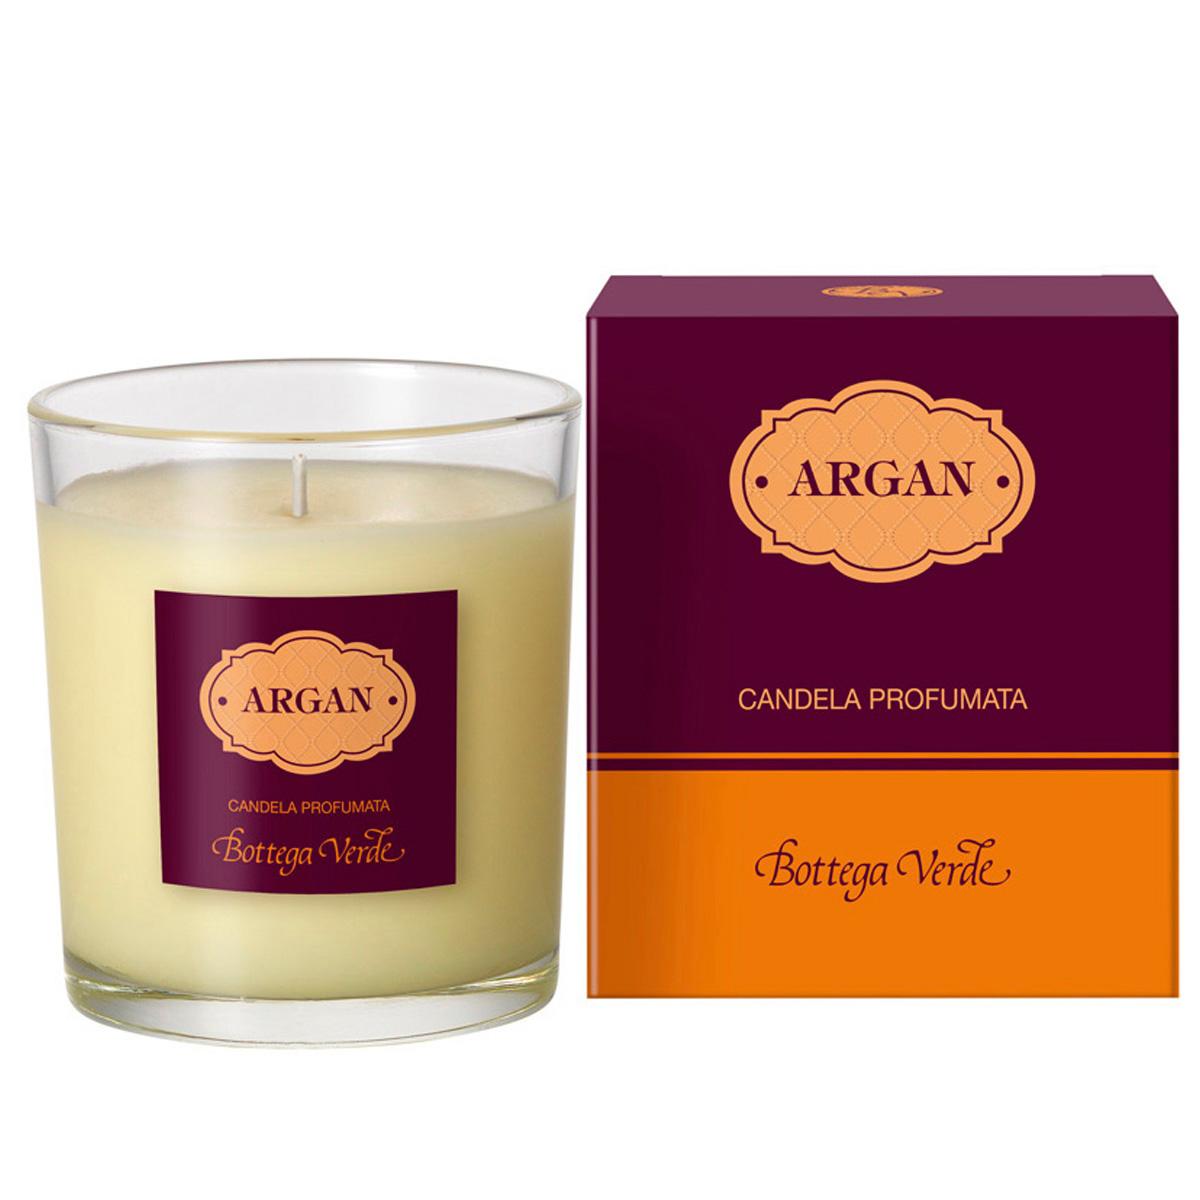 Argan de Maroc Argan de Maroc - Lumanare decorativa parfumata cu ulei si aroma de argan